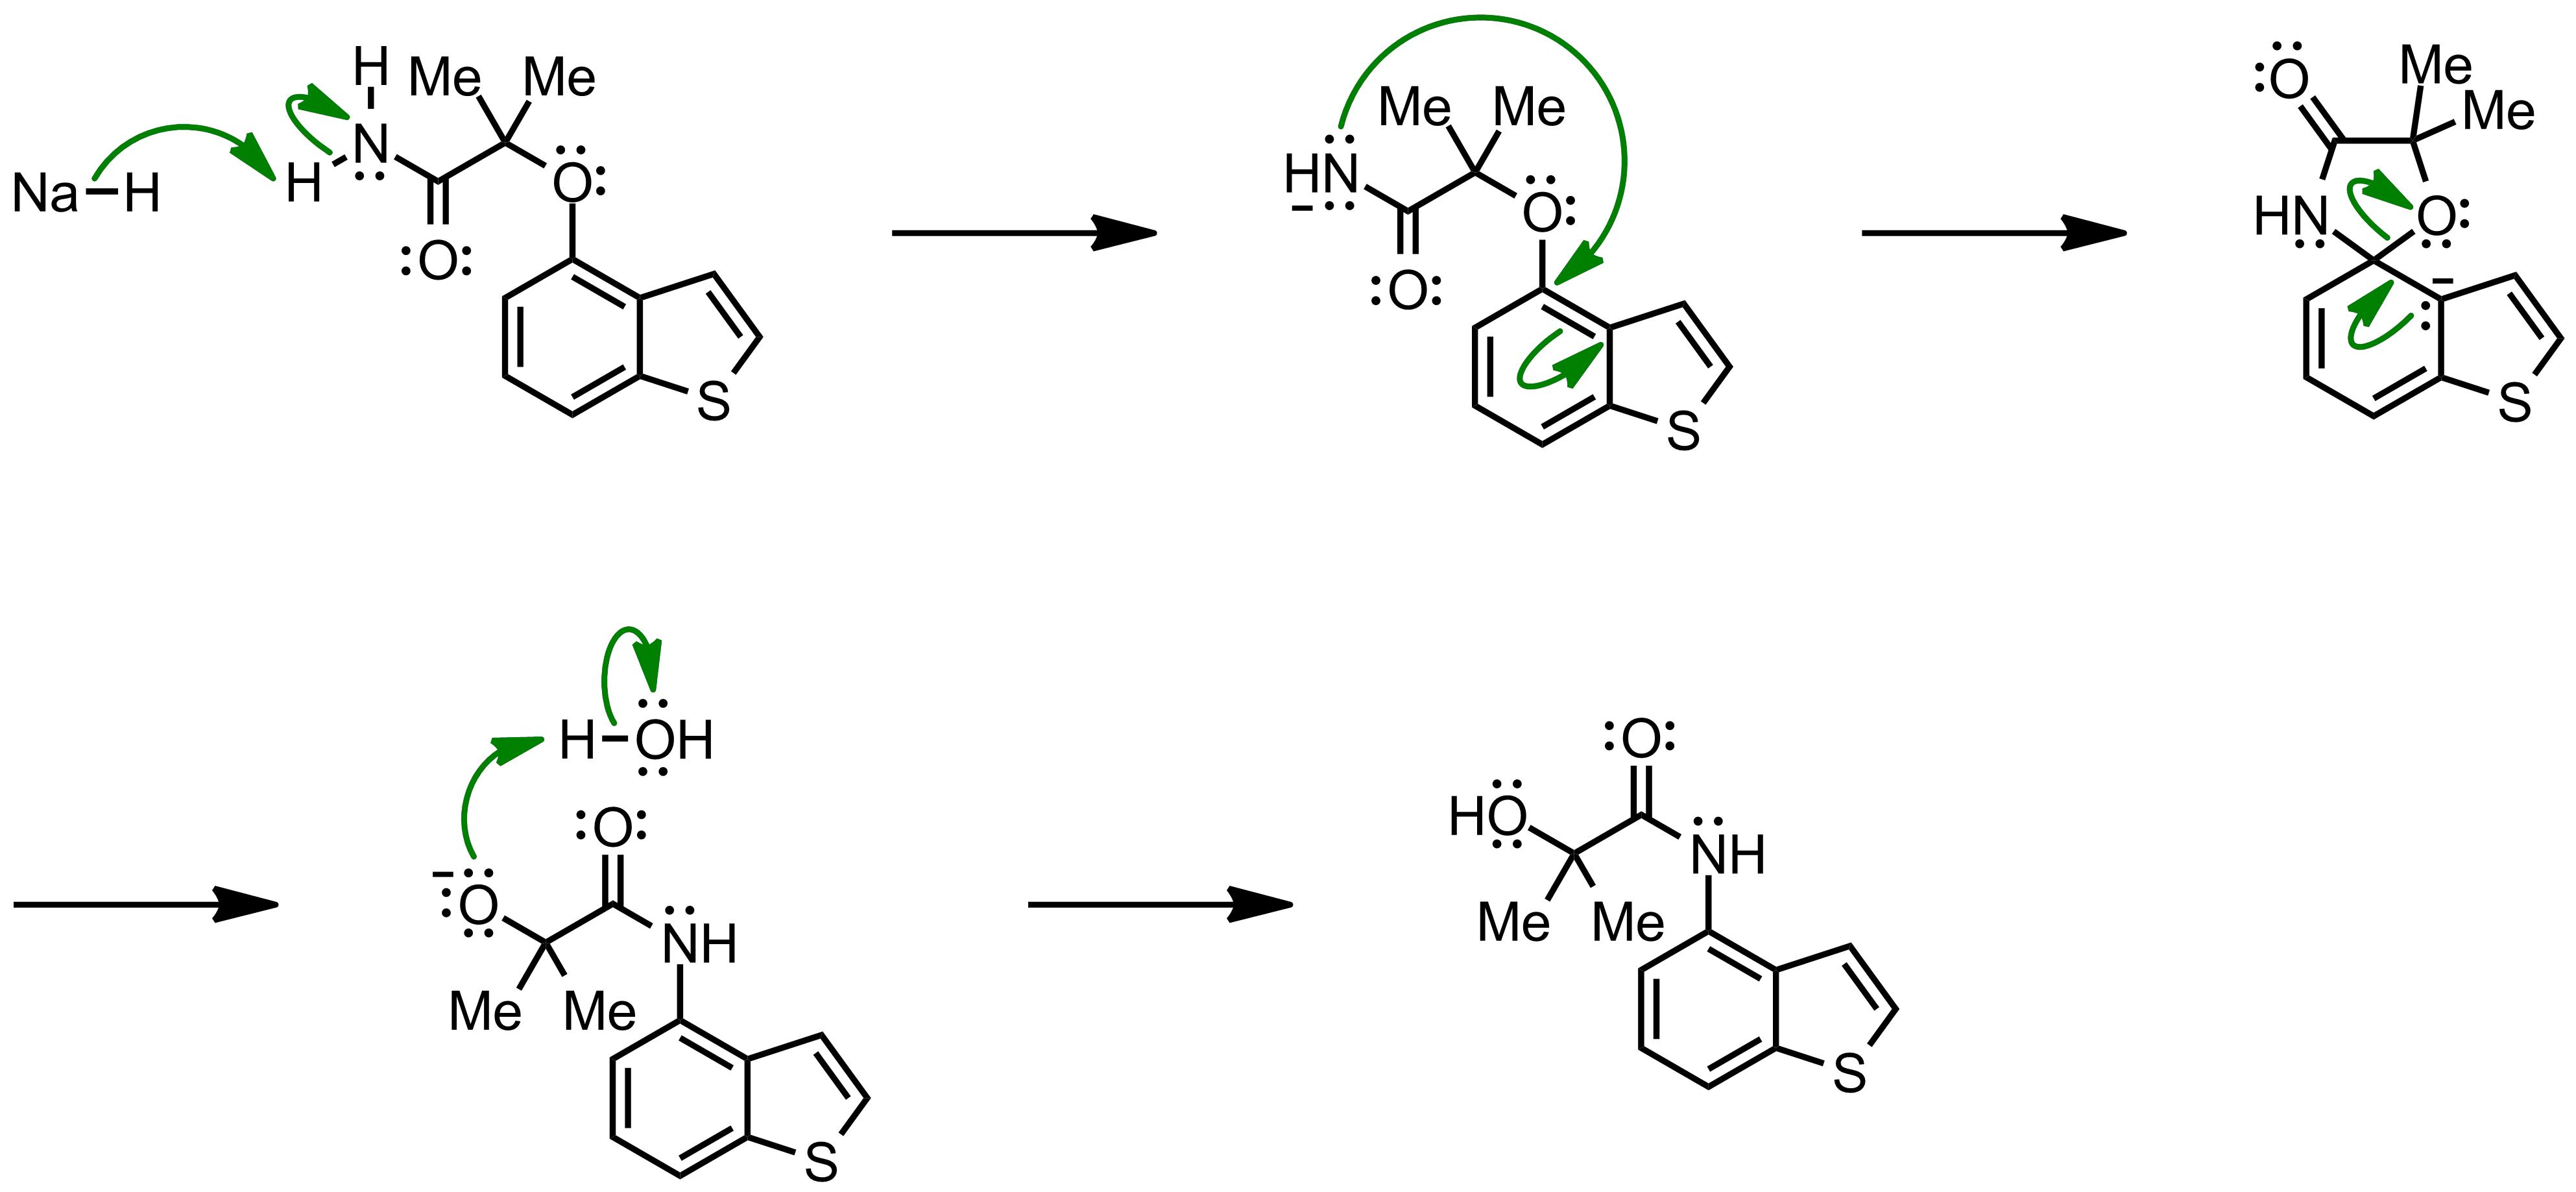 Mechanism of the Smiles Rearrangement